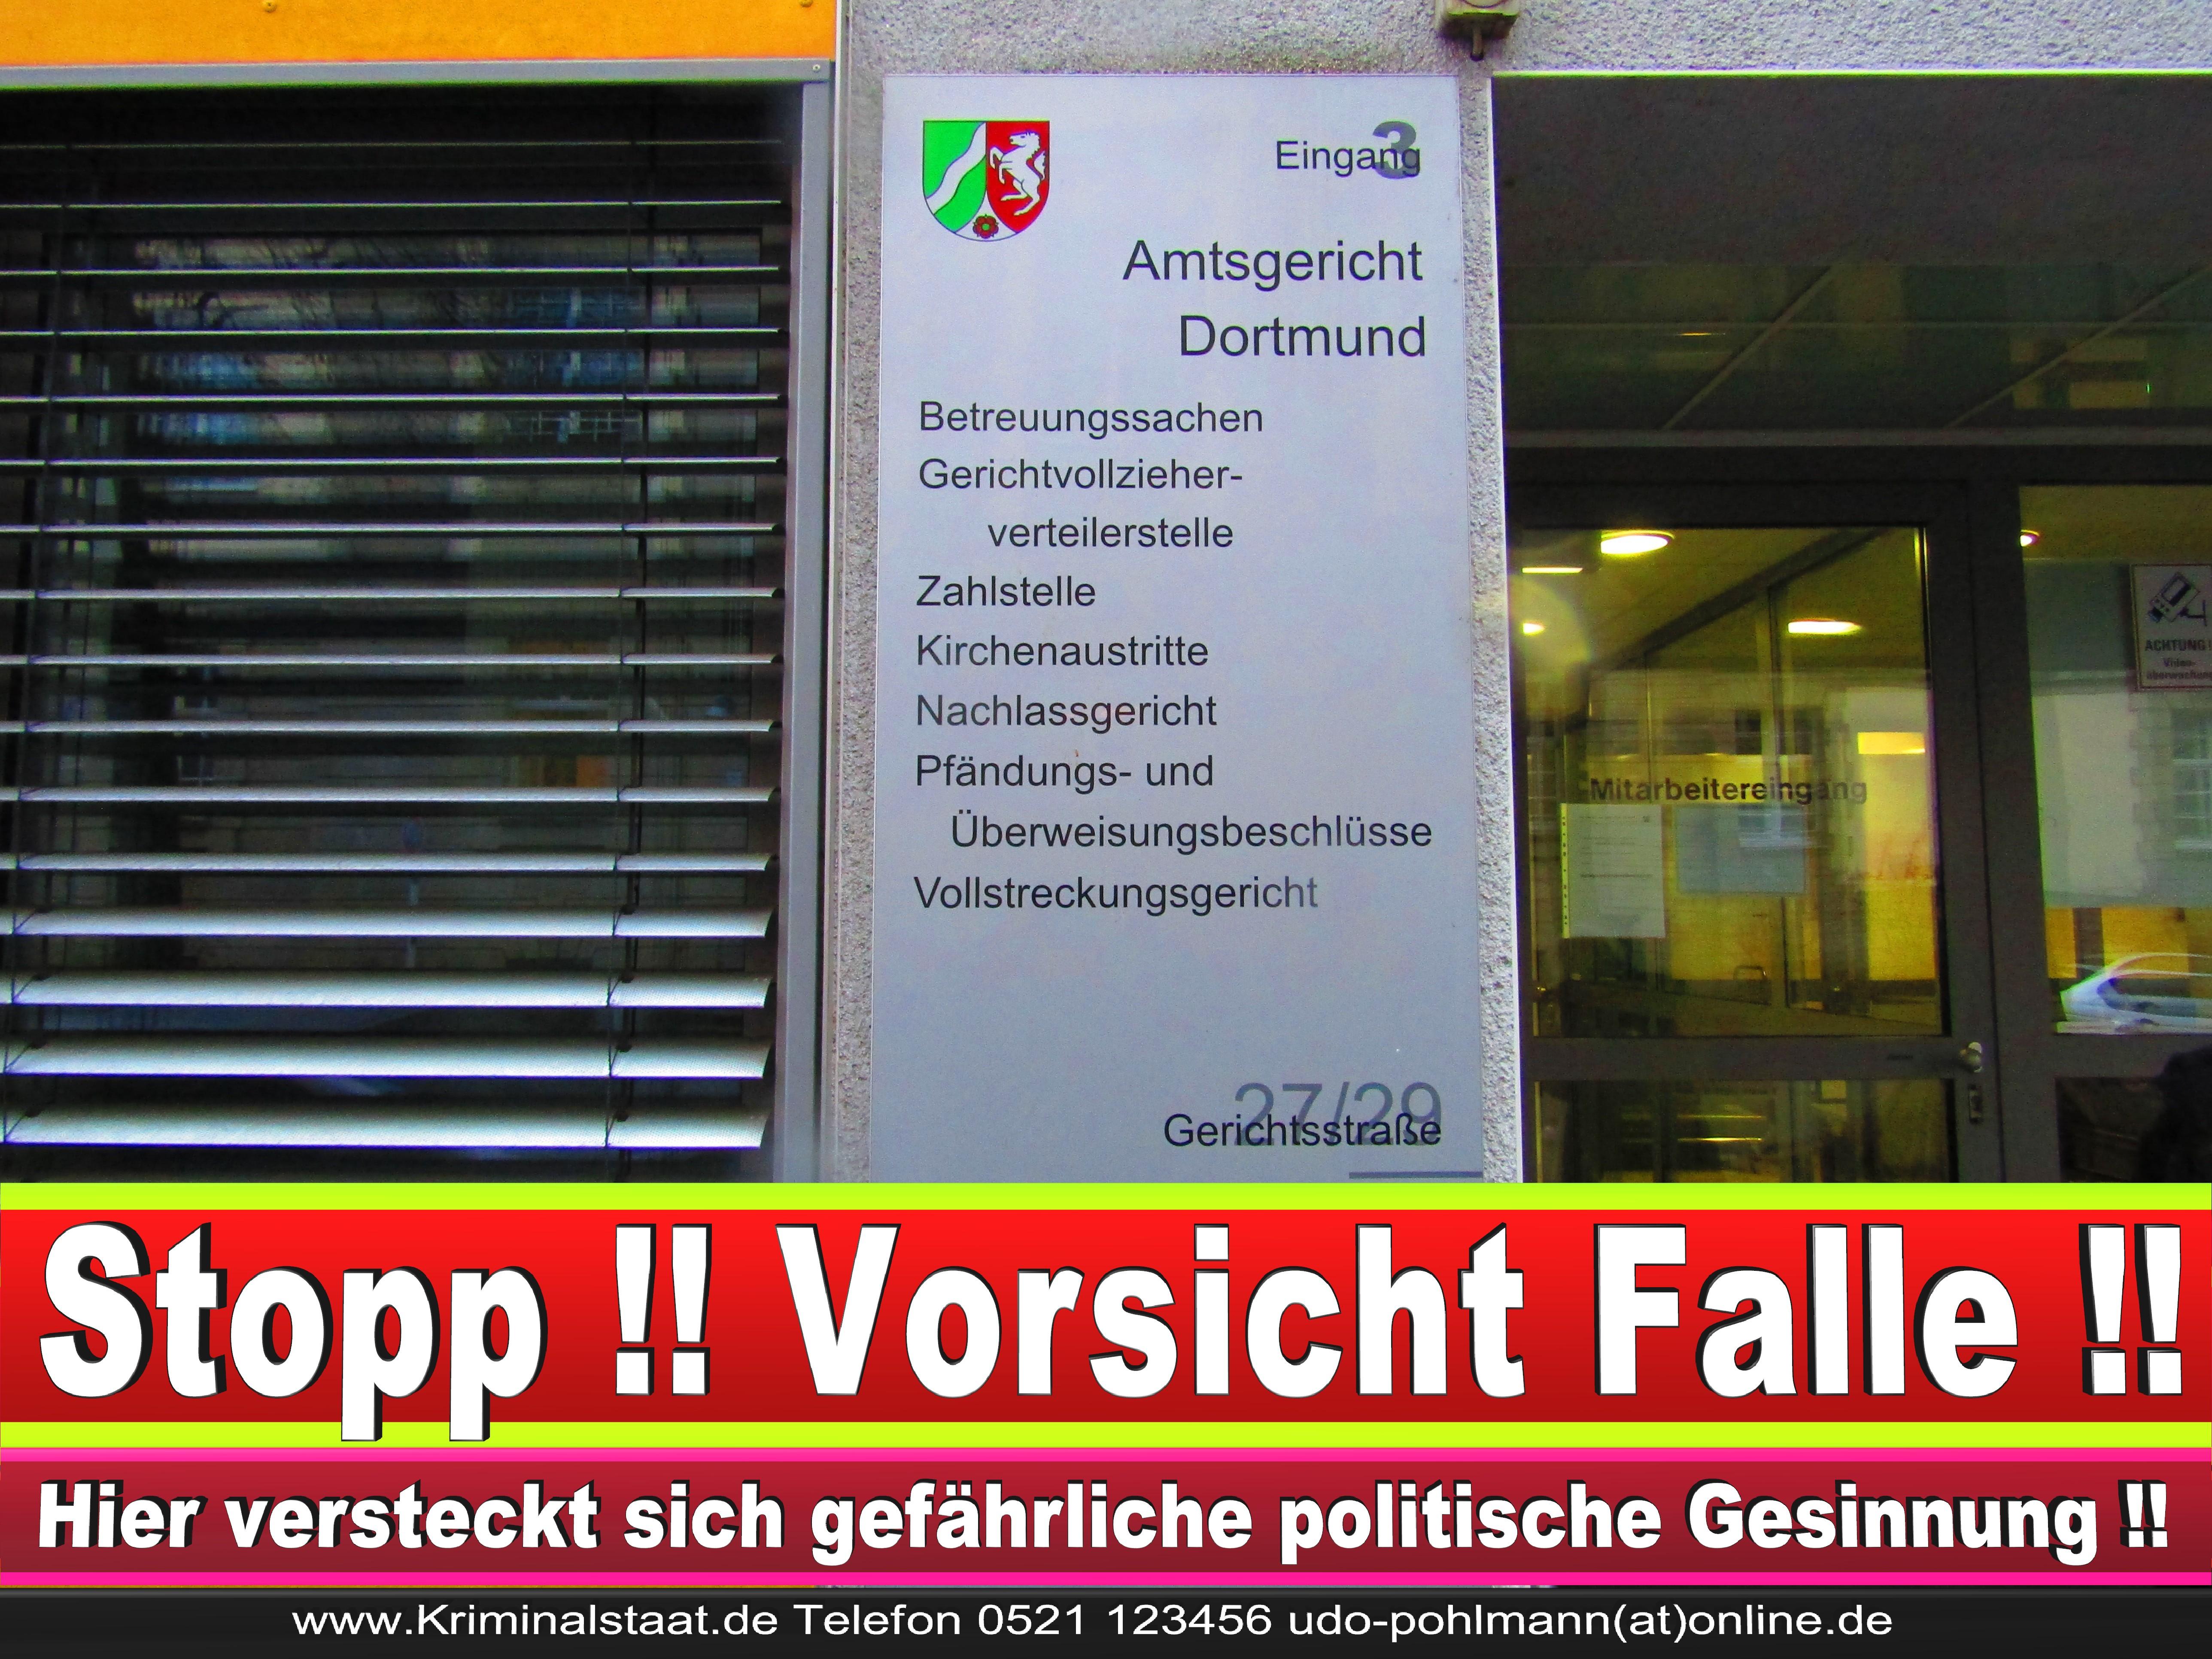 AMTSGERICHT DORTMUND RICHTER AUSBILDUNG PRAKTIKUM ANFAHRT URTEILE KORRUPTION POLIZEI ADRESSE DIREKTOR (9) 2